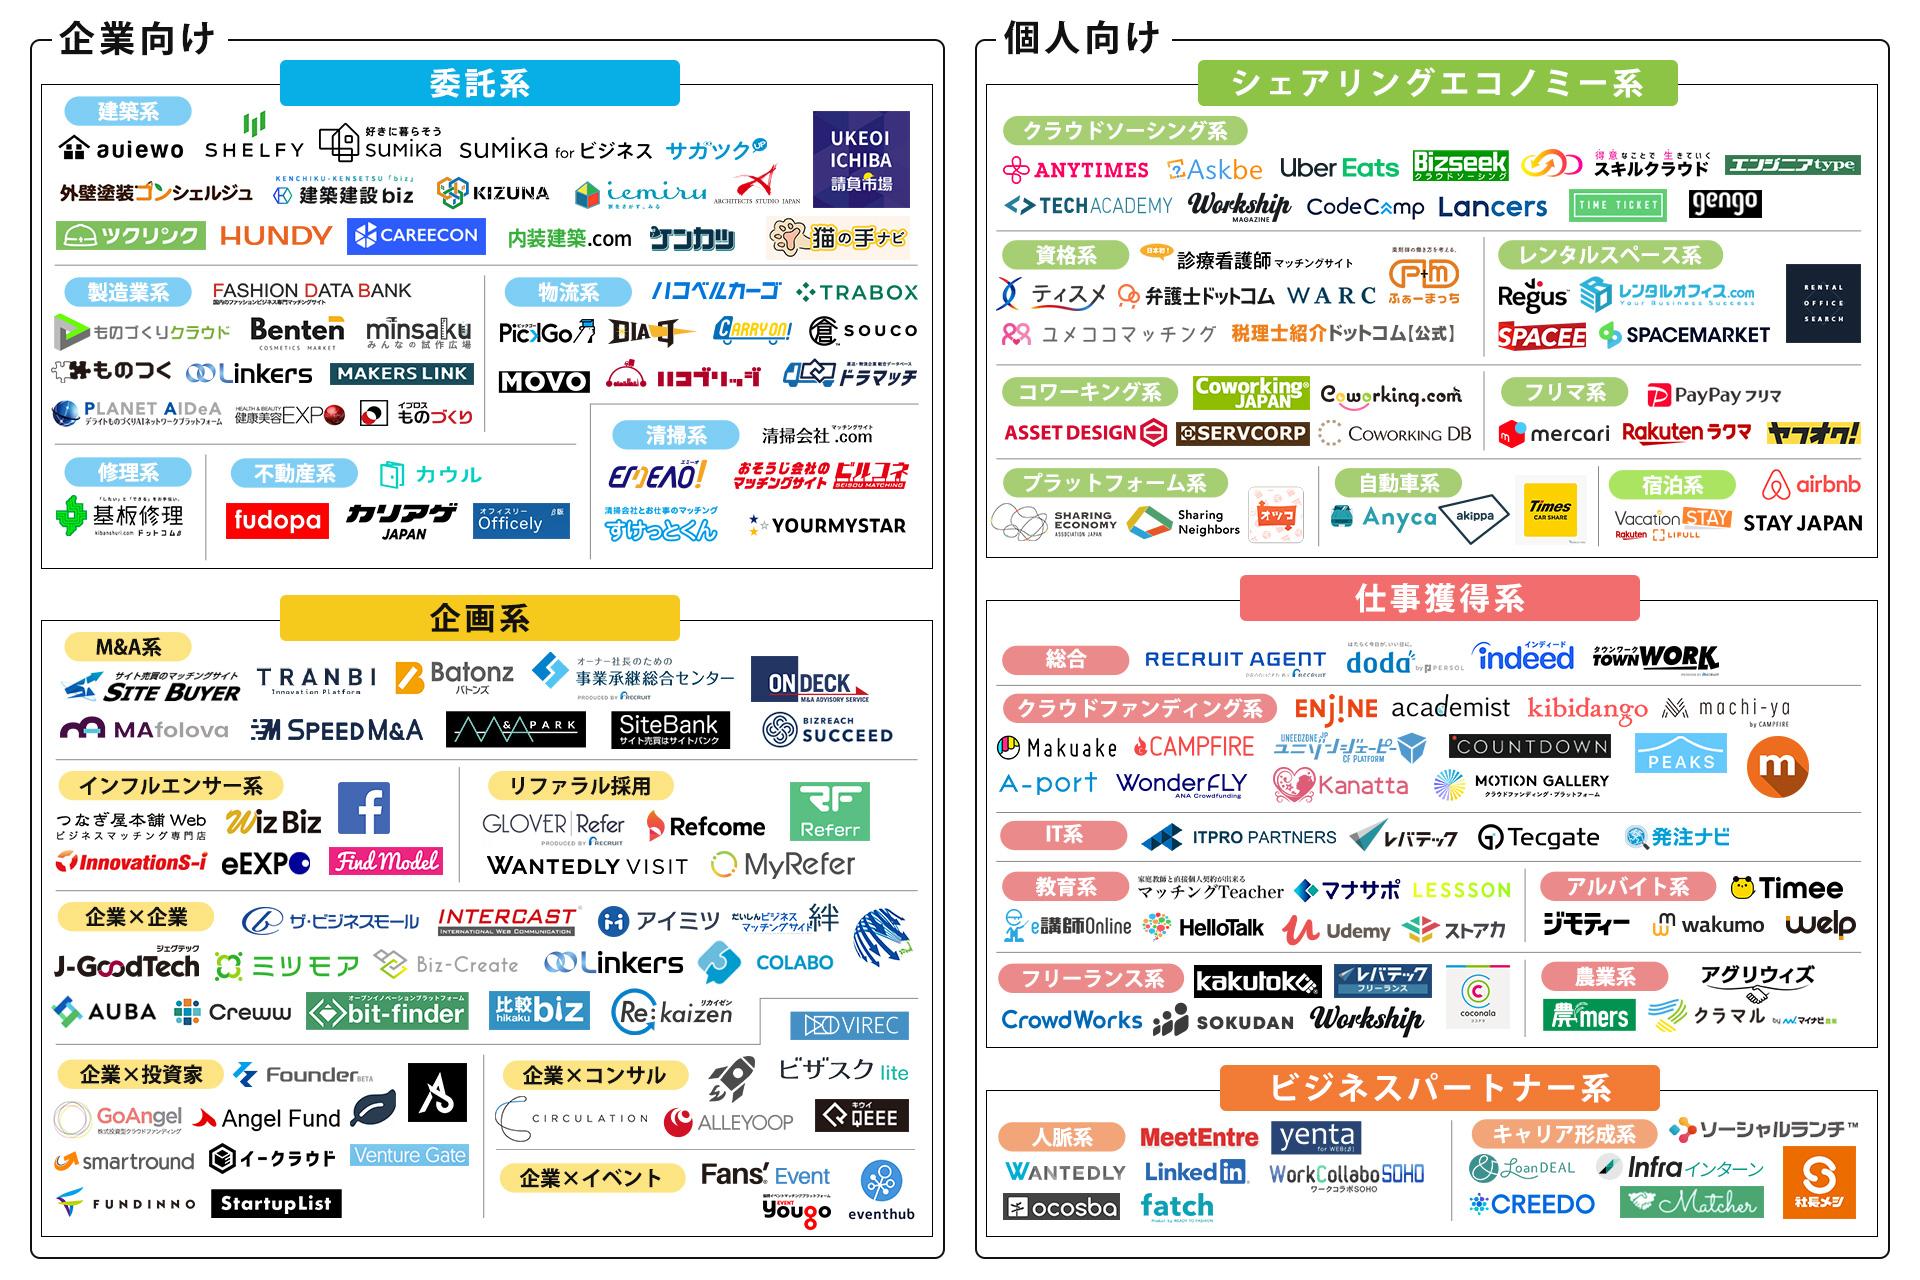 【2021年4月版】ビジネスマッチングサイトのカオスマップを公開